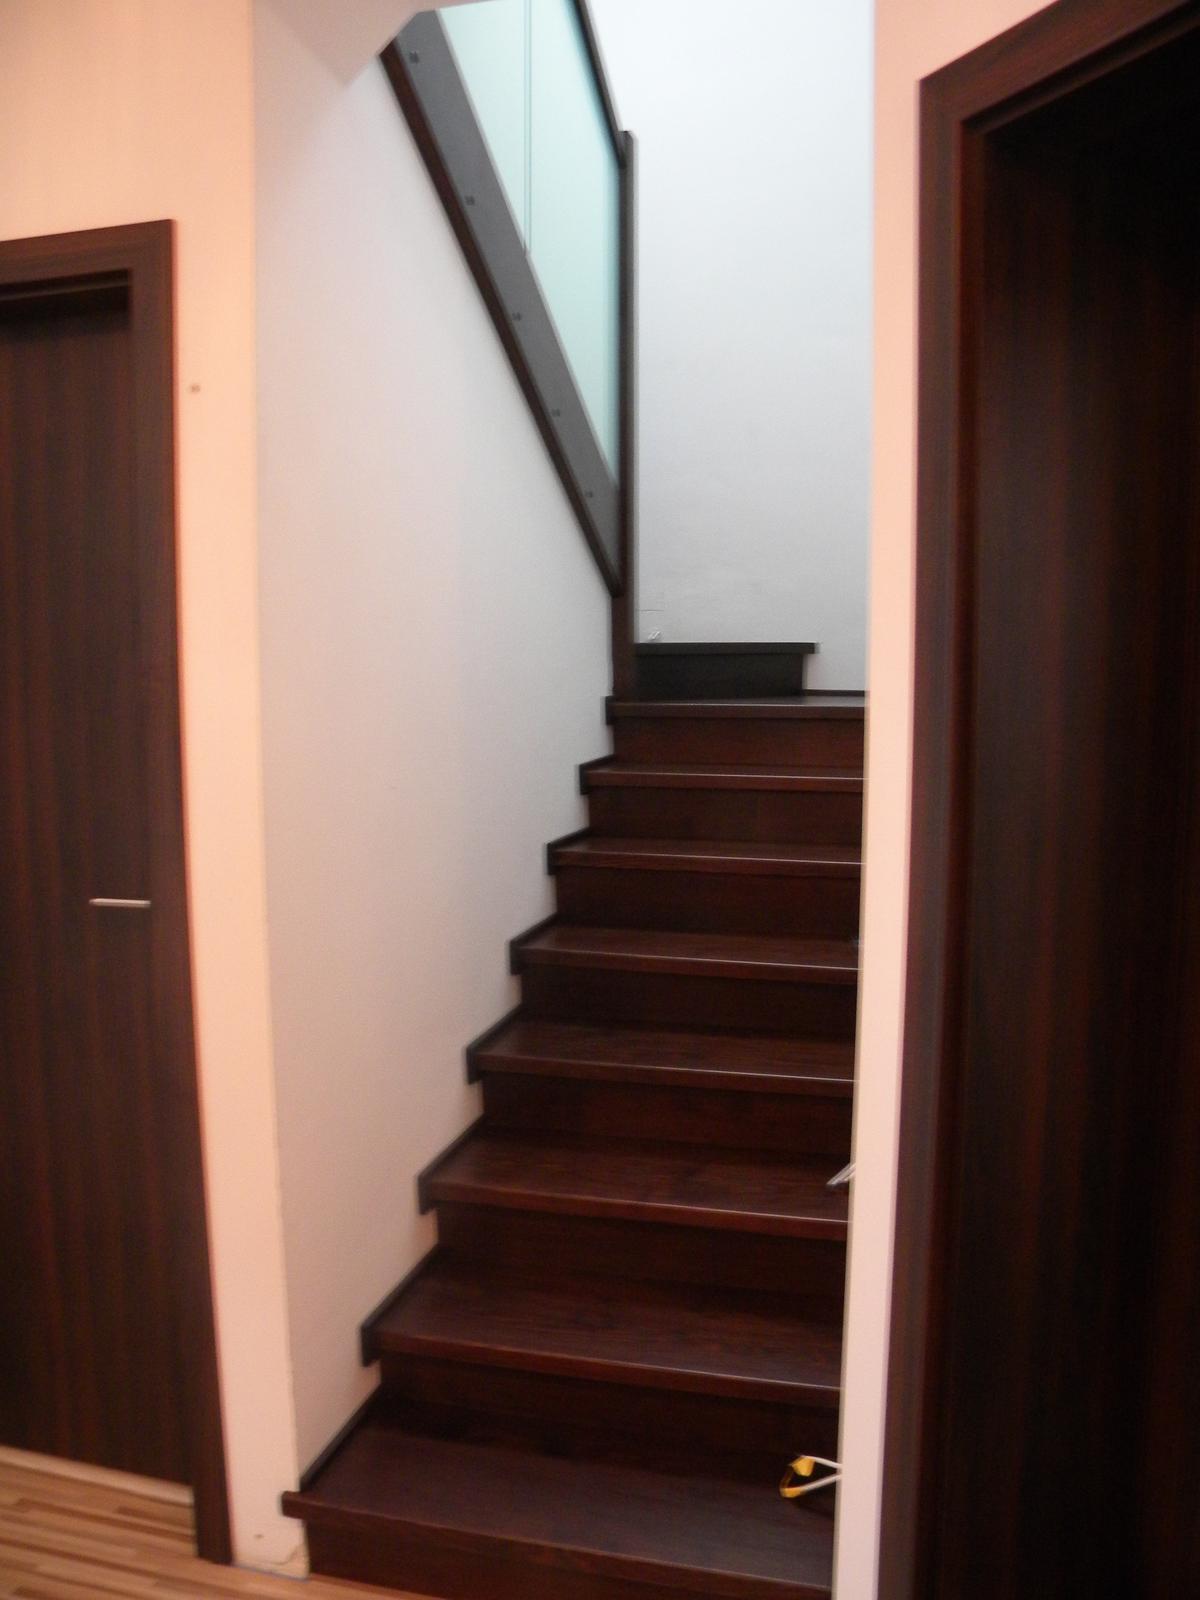 Drevené schody - Obrázok č. 1